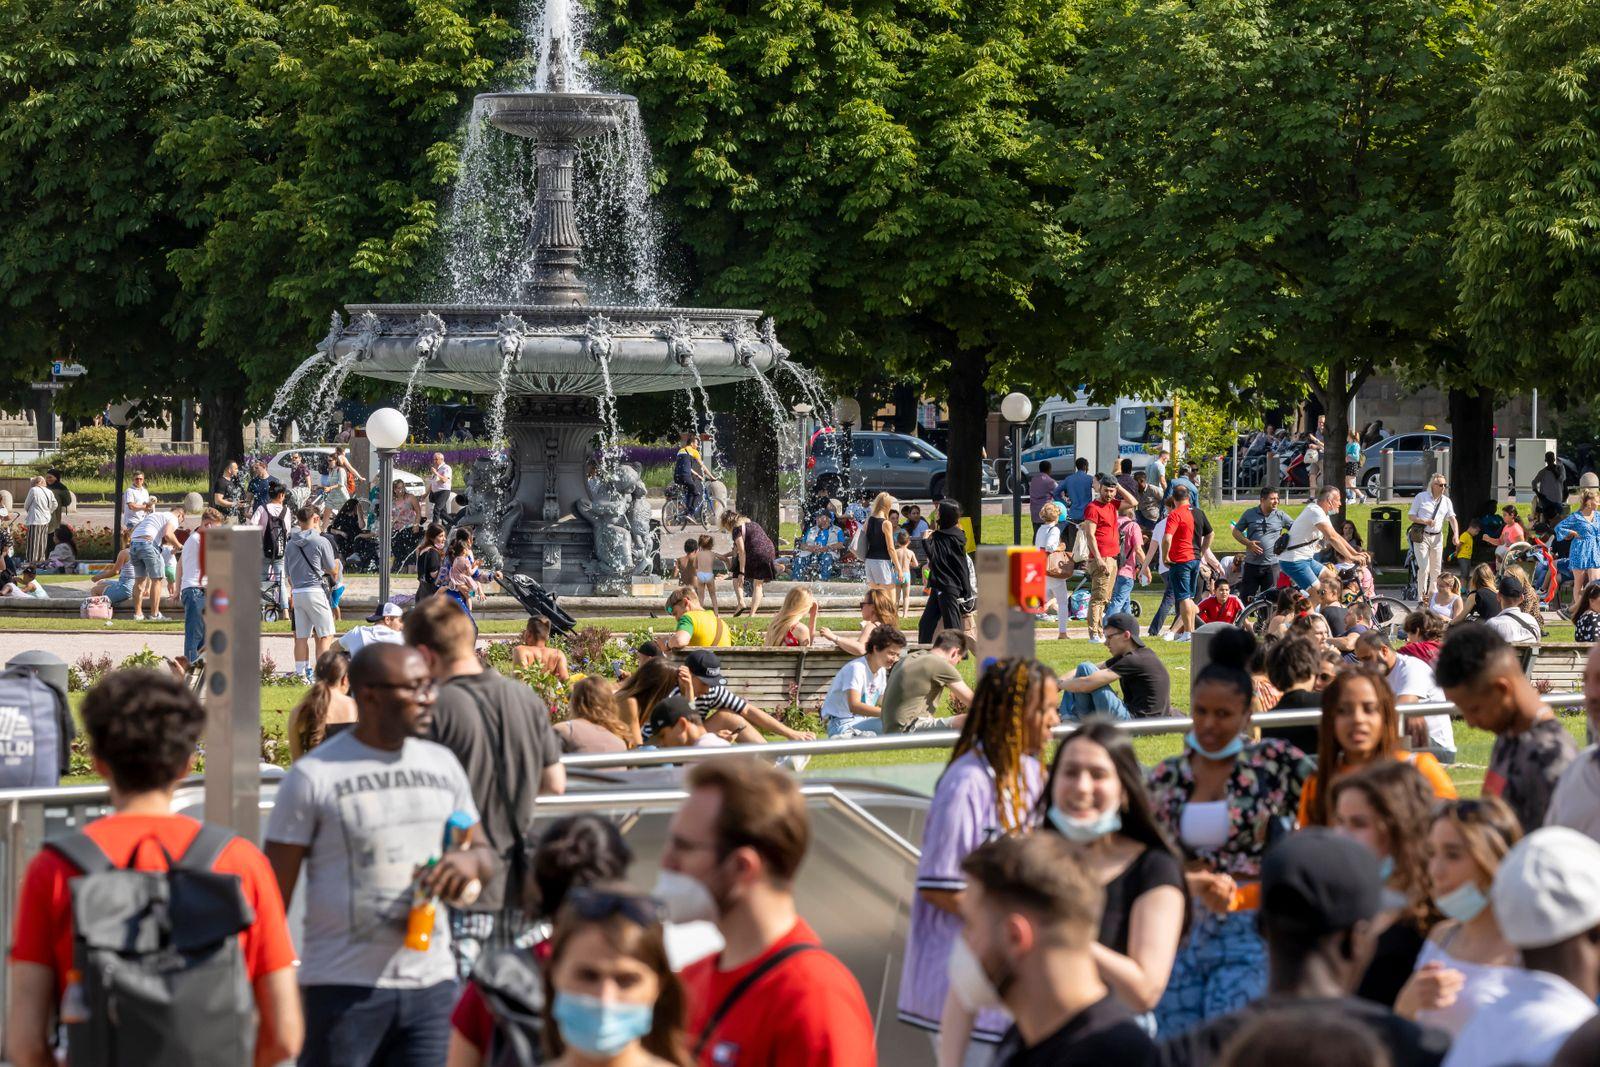 Stuttgart geht aus. Nach weiteren Öffnungsschritten sehnen sich die Menschen nach Normalität. Geschäfte und Restaurants